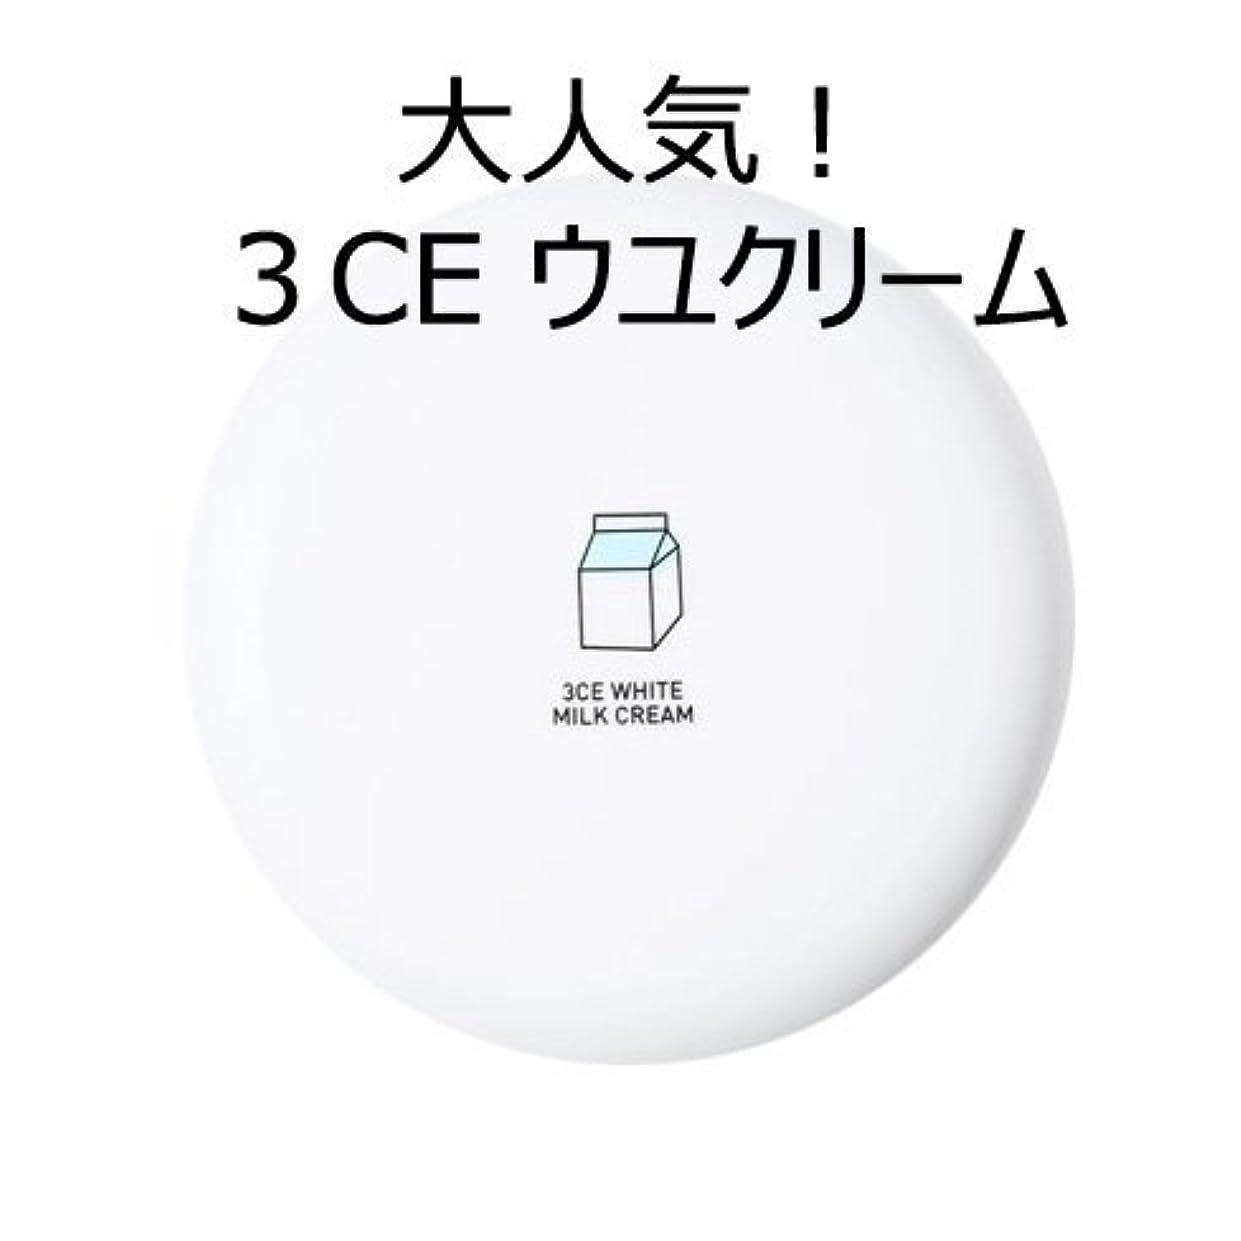 配送ピストル徒歩で[3CE] [大人気!話題のウユクリーム] 3CE White Milk Cream [並行輸入品]